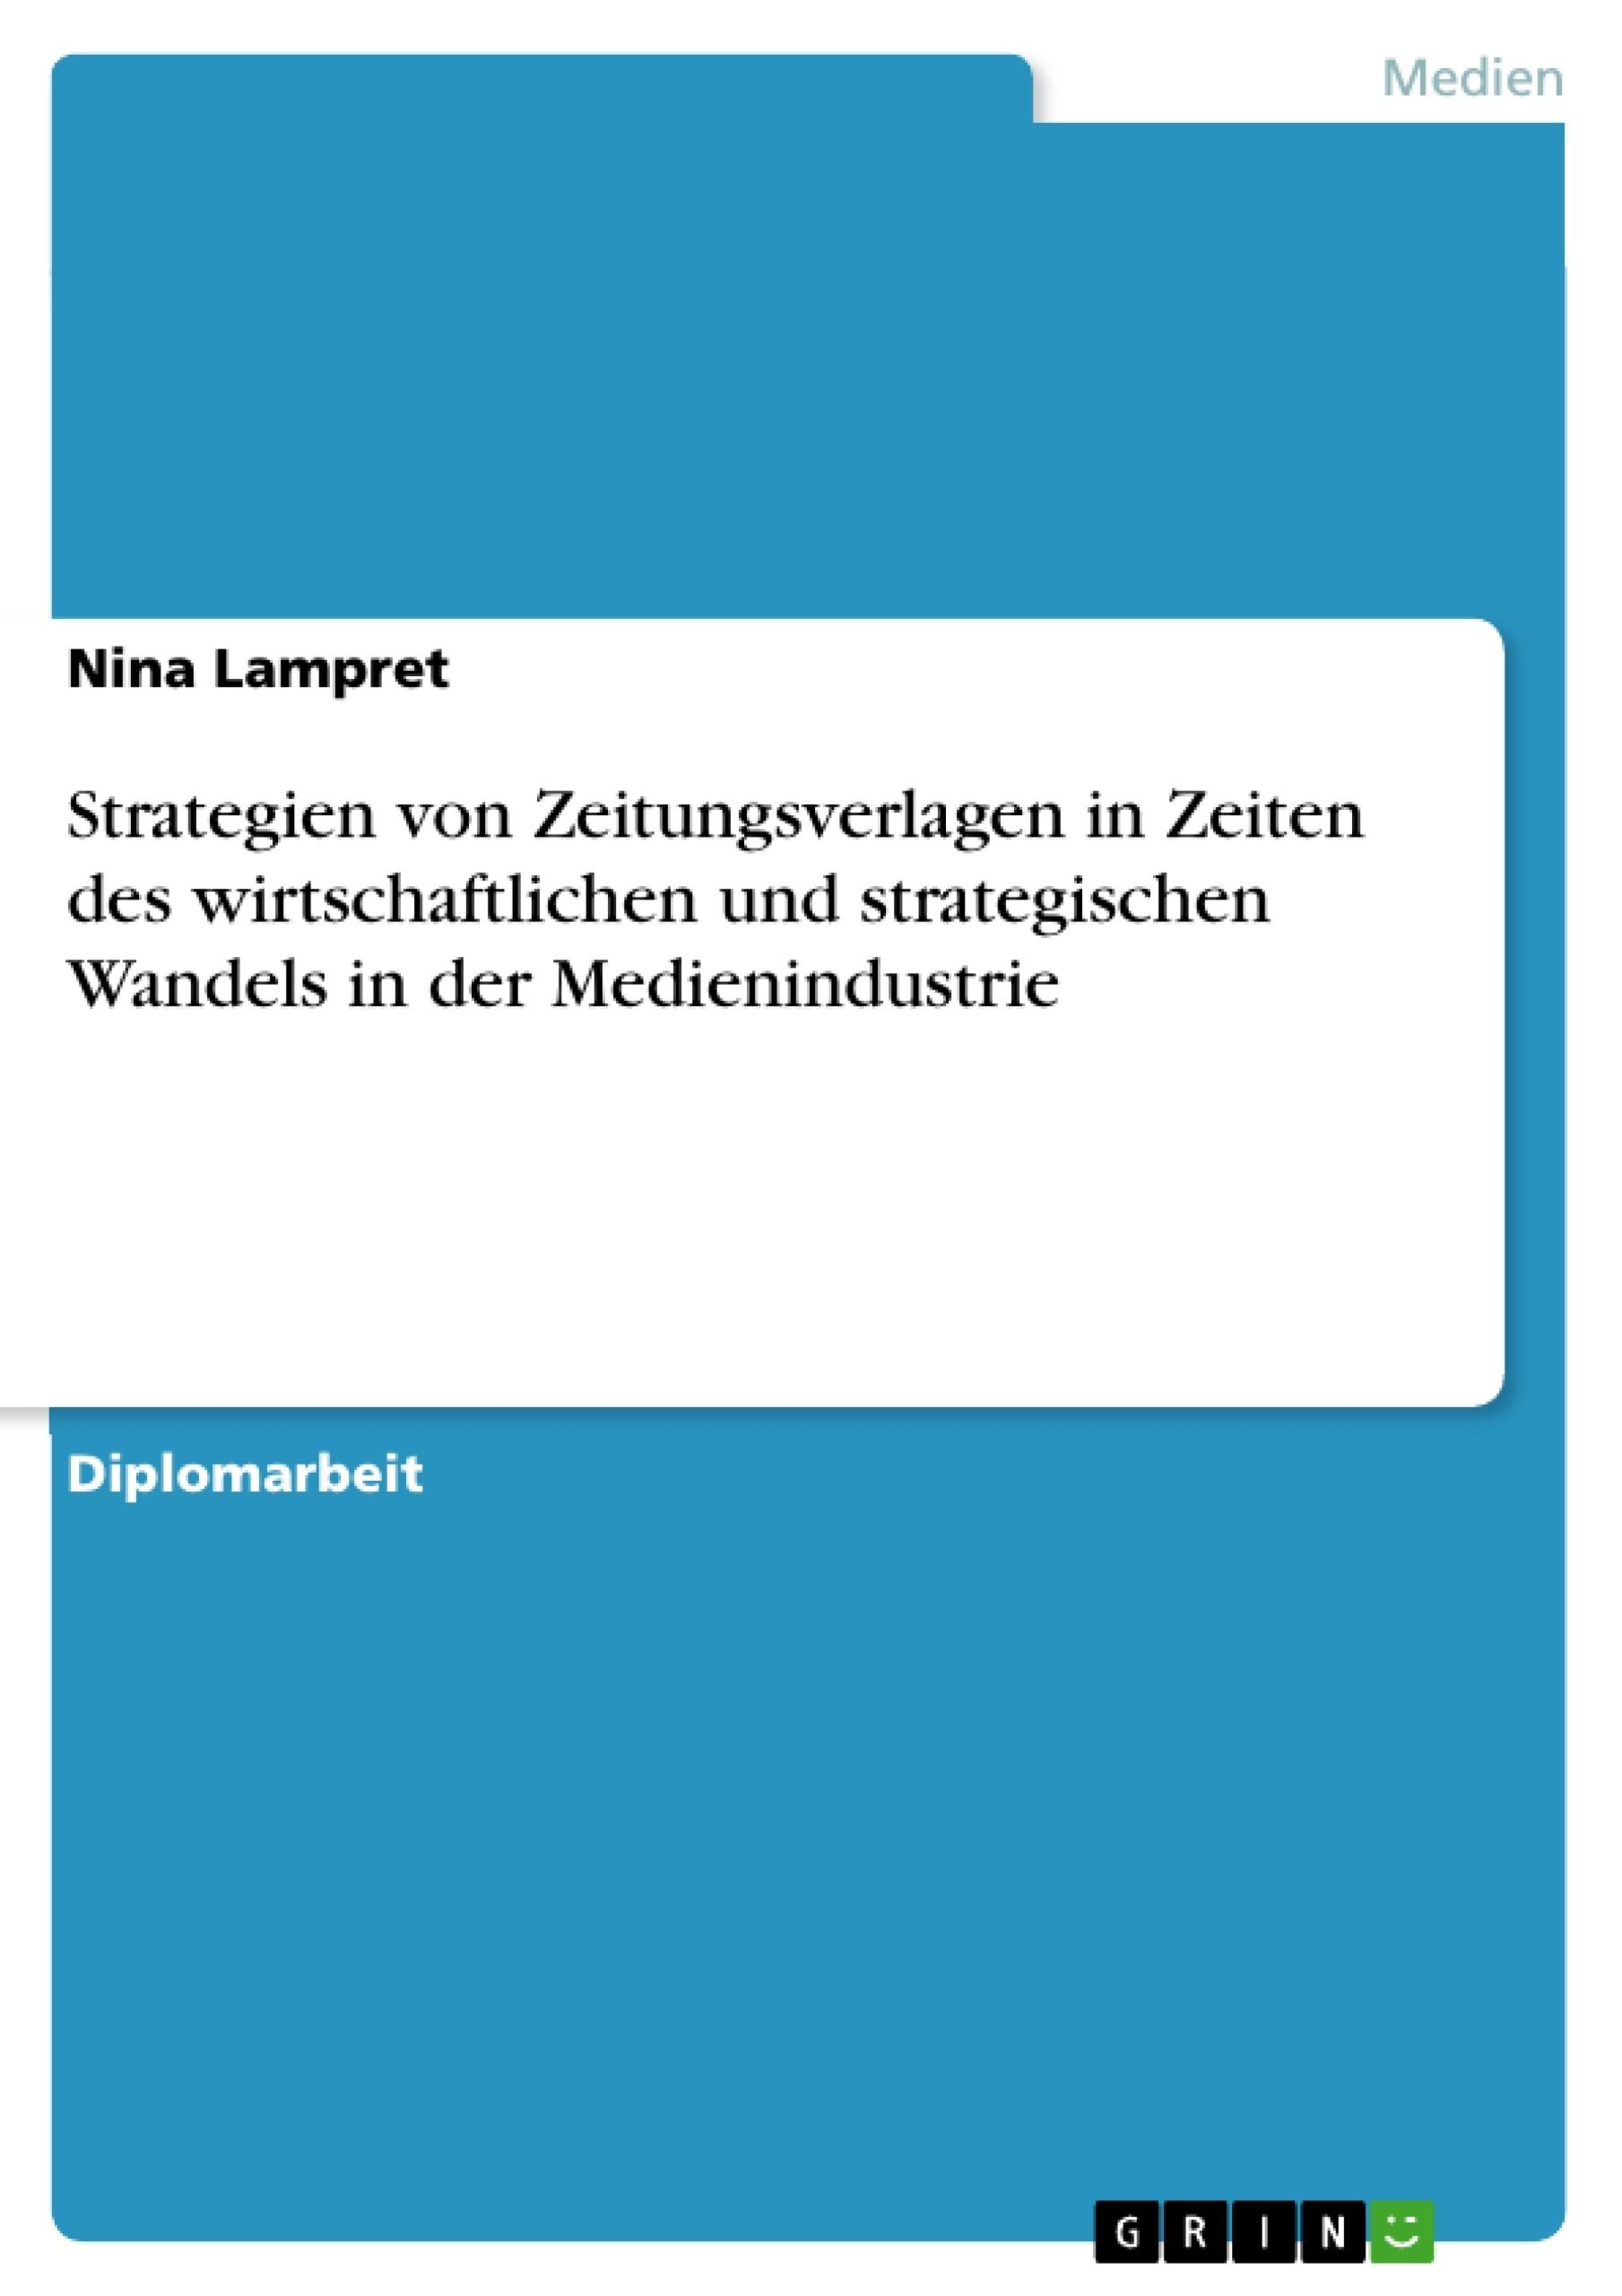 Titel: Strategien von Zeitungsverlagen in Zeiten des wirtschaftlichen und strategischen Wandels in der Medienindustrie